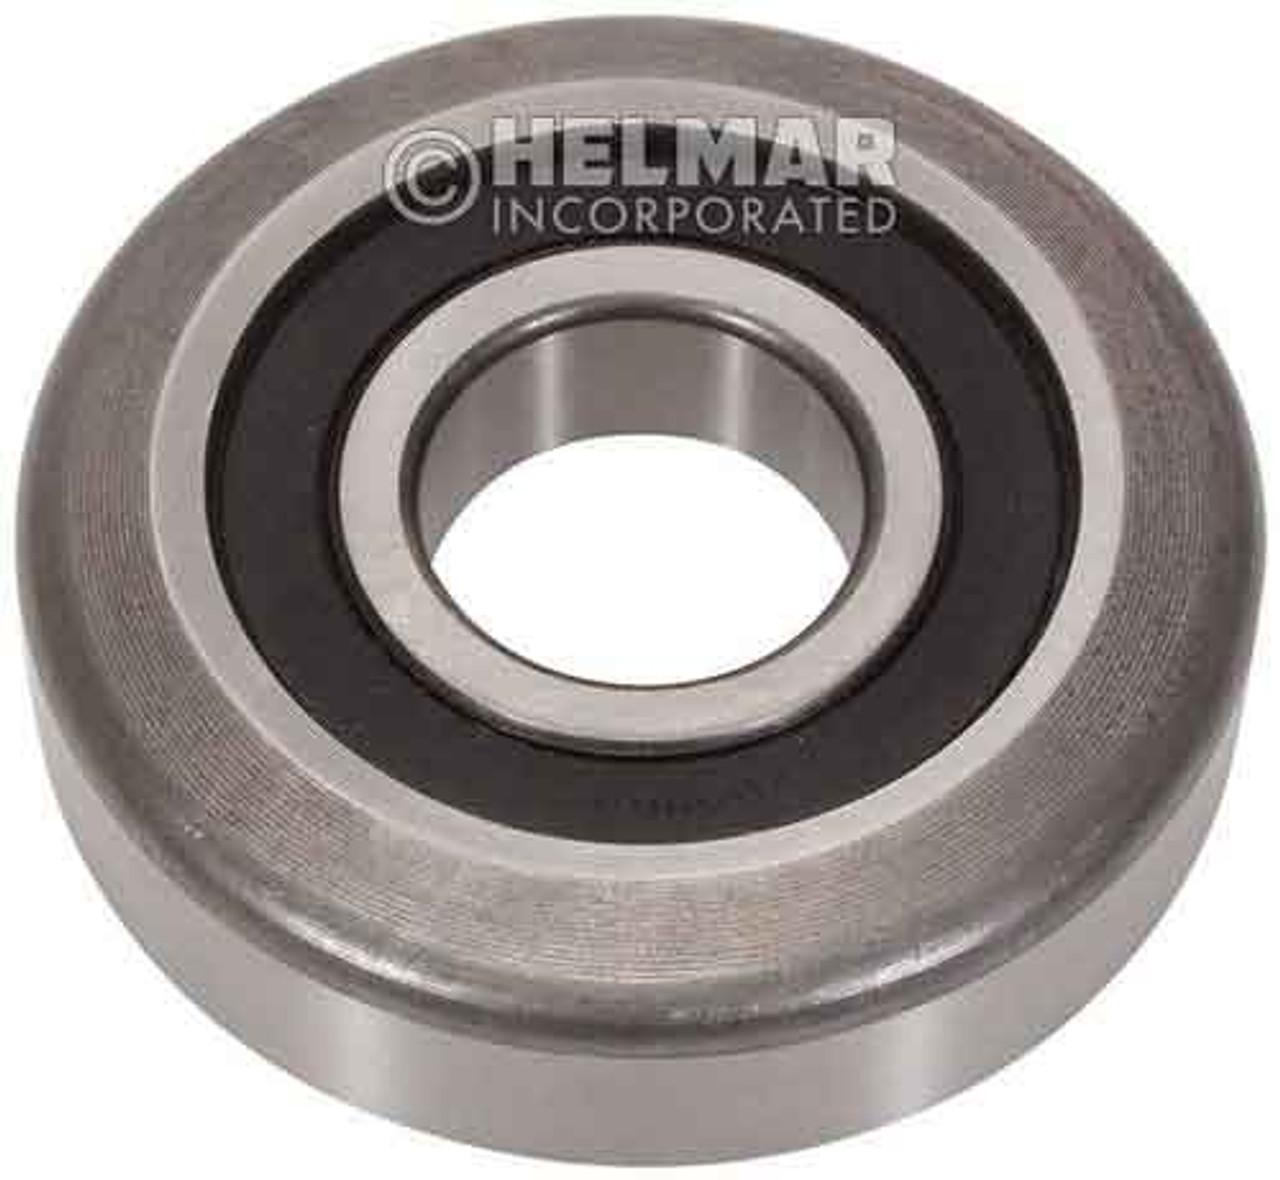 3EC-71-A1410 Komatsu Mast Roller Bearing 31.69mm Wide, 127.05mm Outer Diameter, 44.80mm Inner Diameter